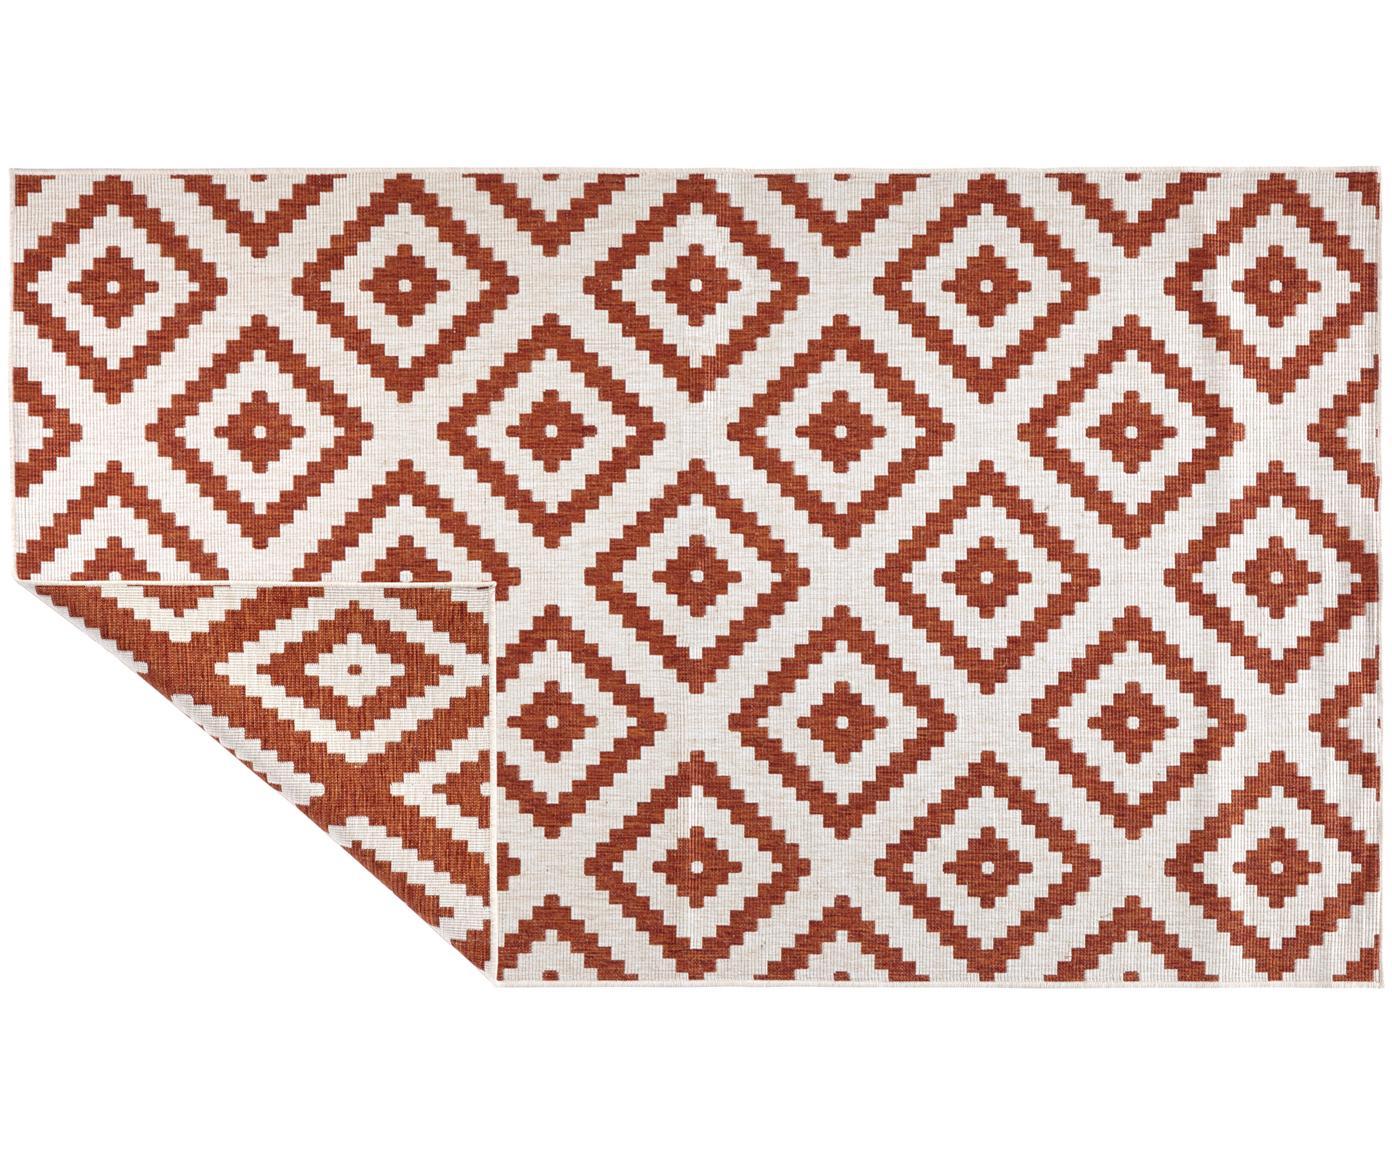 Dwustronny dywan wewnętrzny/zewnętrzny Malta, Terakota, kremowy, S 120 x D 170 cm (Rozmiar S)